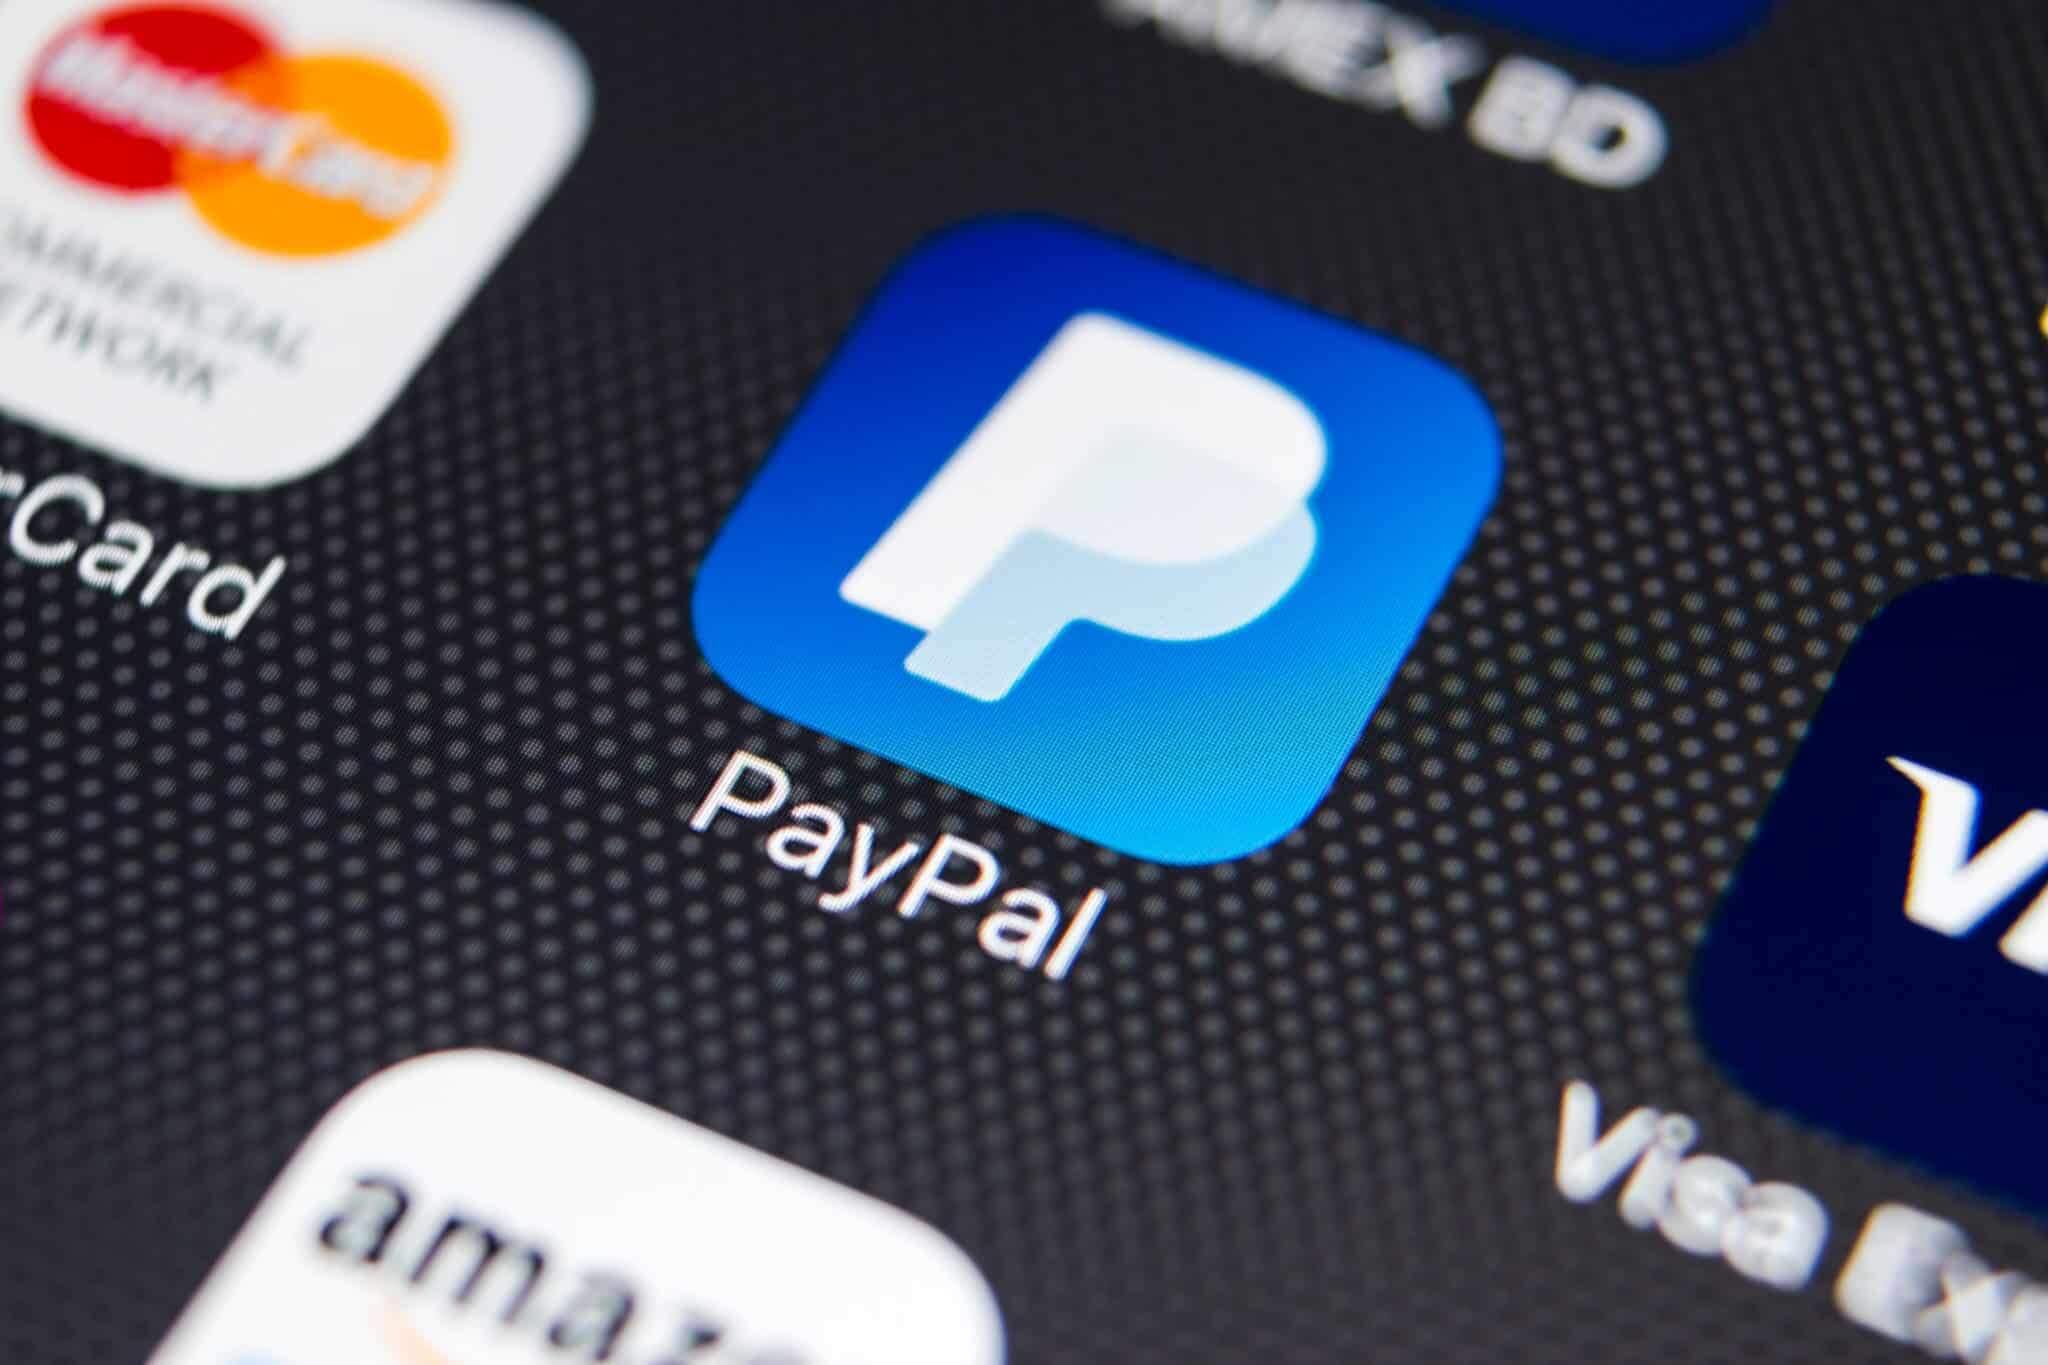 imagem app PayPal tela de celular